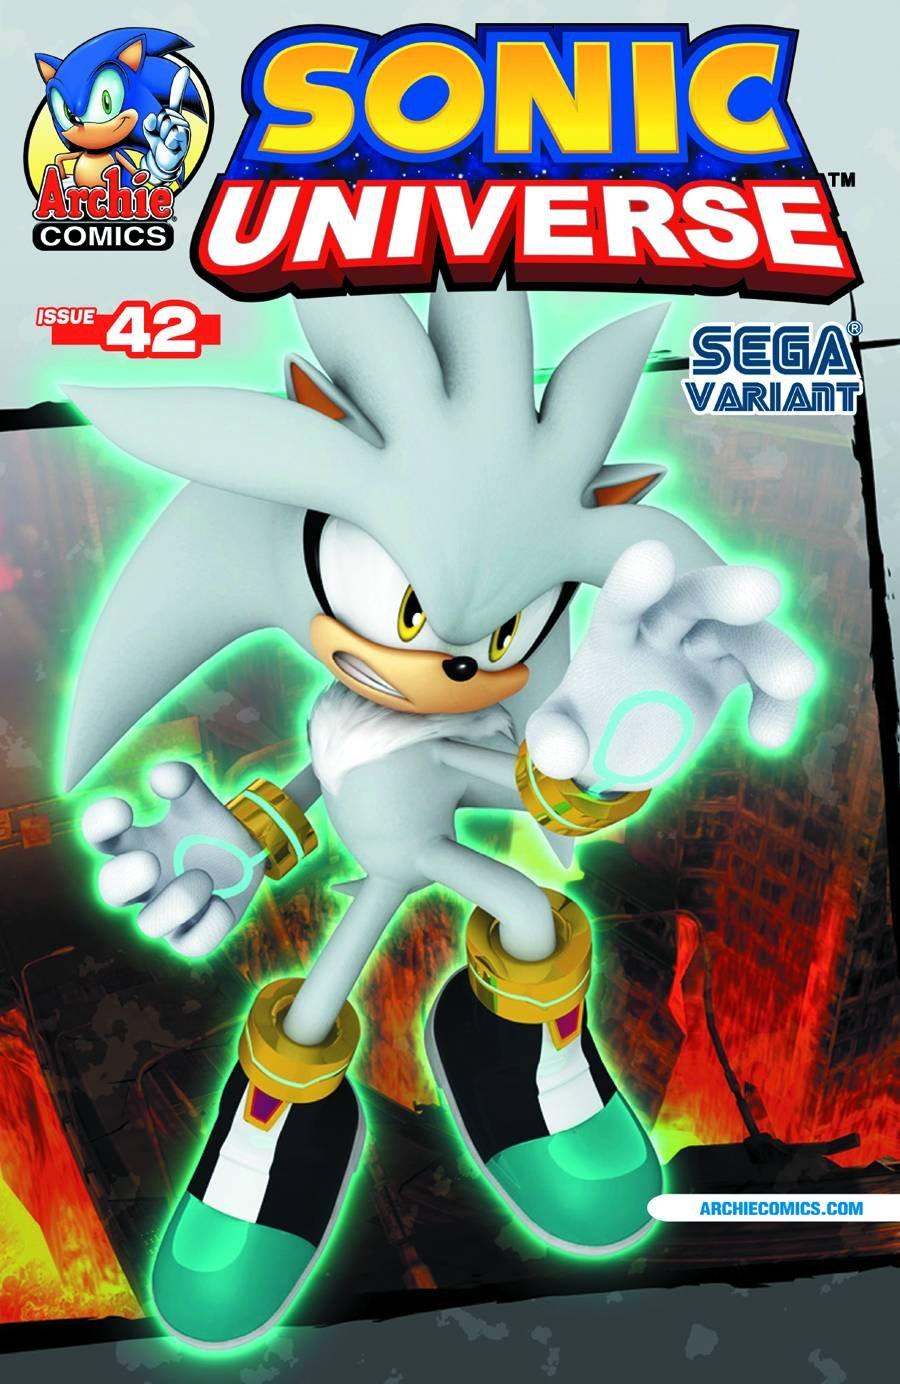 Sonic Universe 042 (September 2012) (Sega variant)